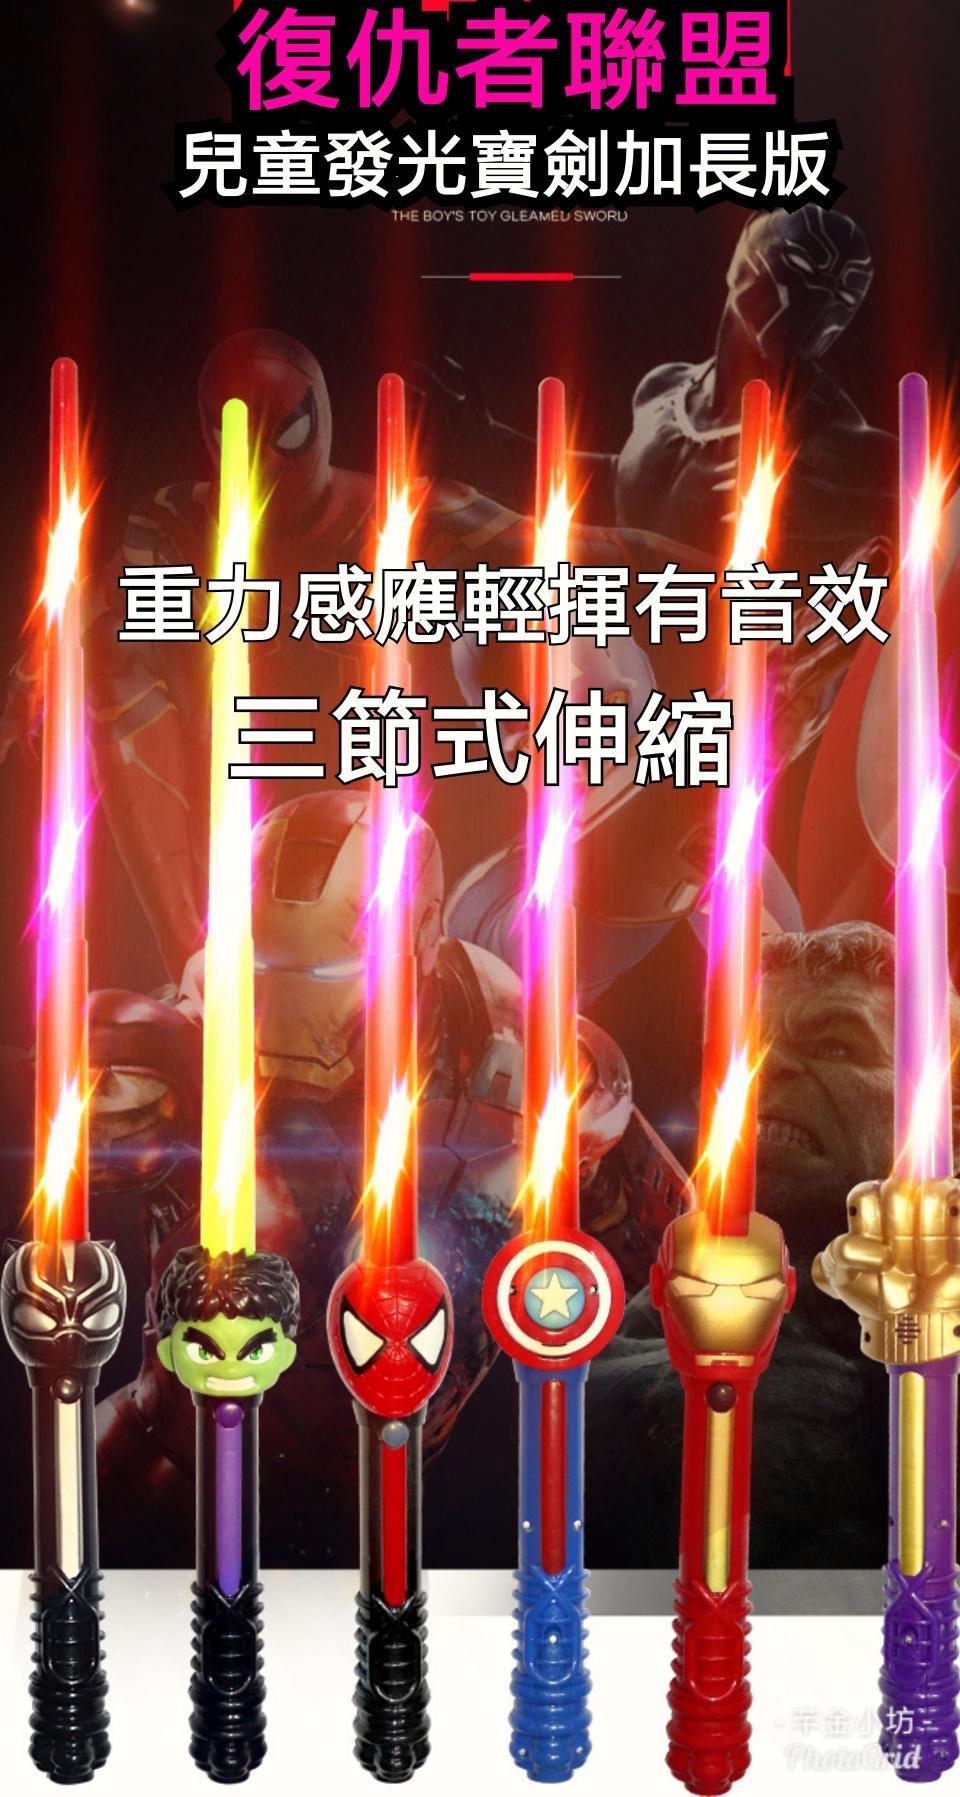 復仇者聯盟美國隊長滅霸蜘蛛人綠巨人鋼鐵人重力感聲光效果寶劍聲光劍三節式萬聖節道具兒童玩具 英雄人物扮演